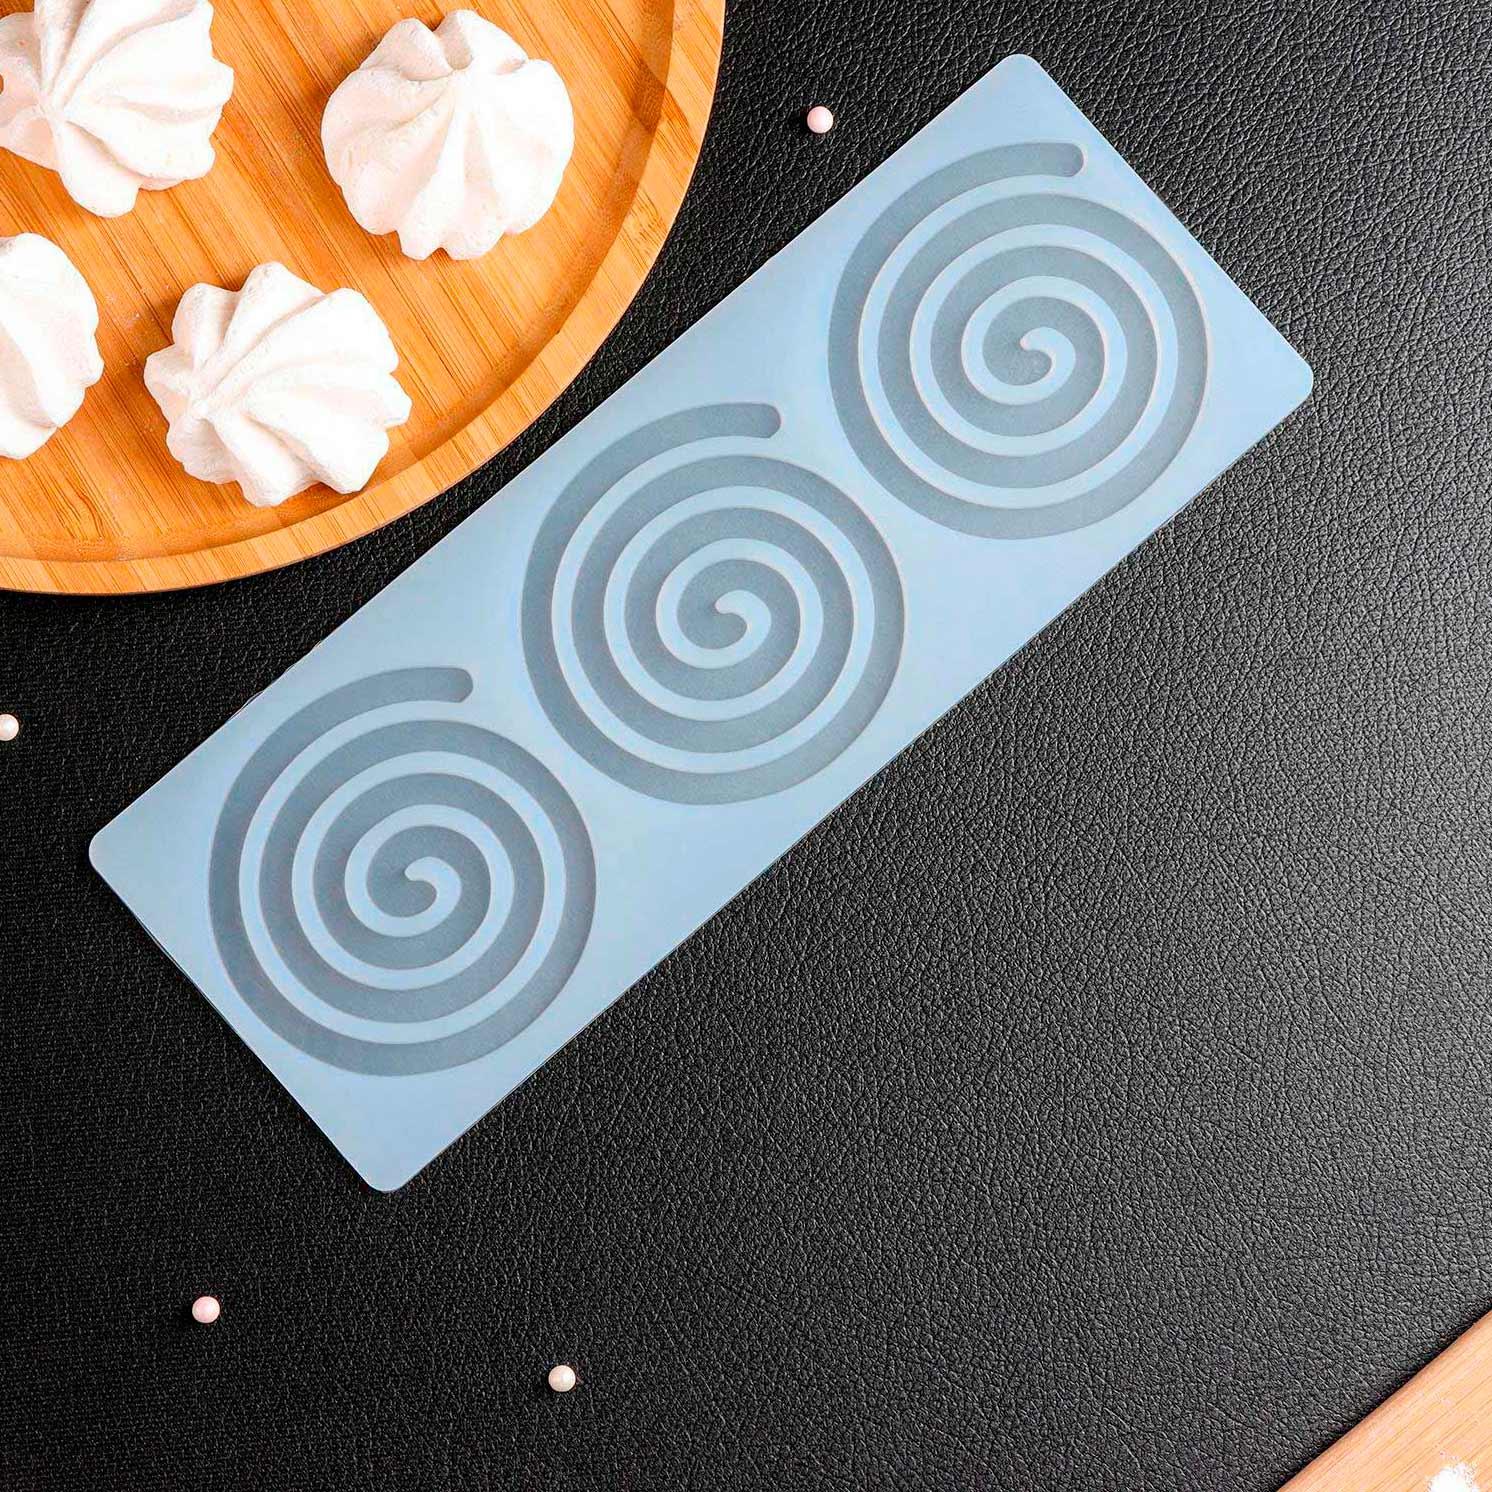 Коврик для айсинга «Спираль», 3 ячейки, 24,5×9×0,3 см, цвет прозрачный